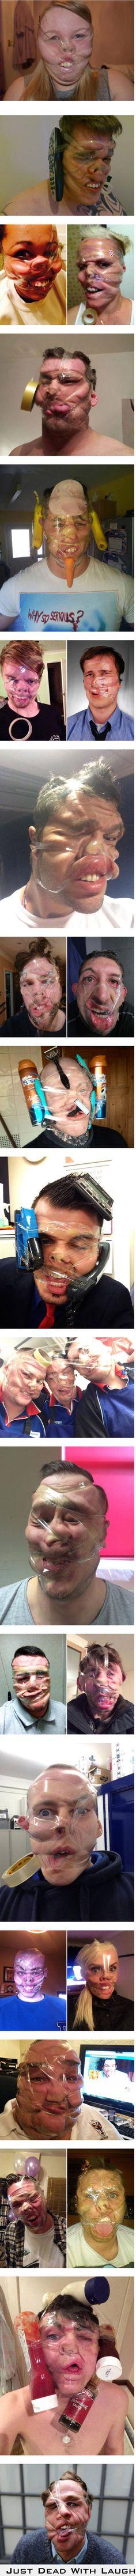 World's Stupidest Scotch Tape #Selfies